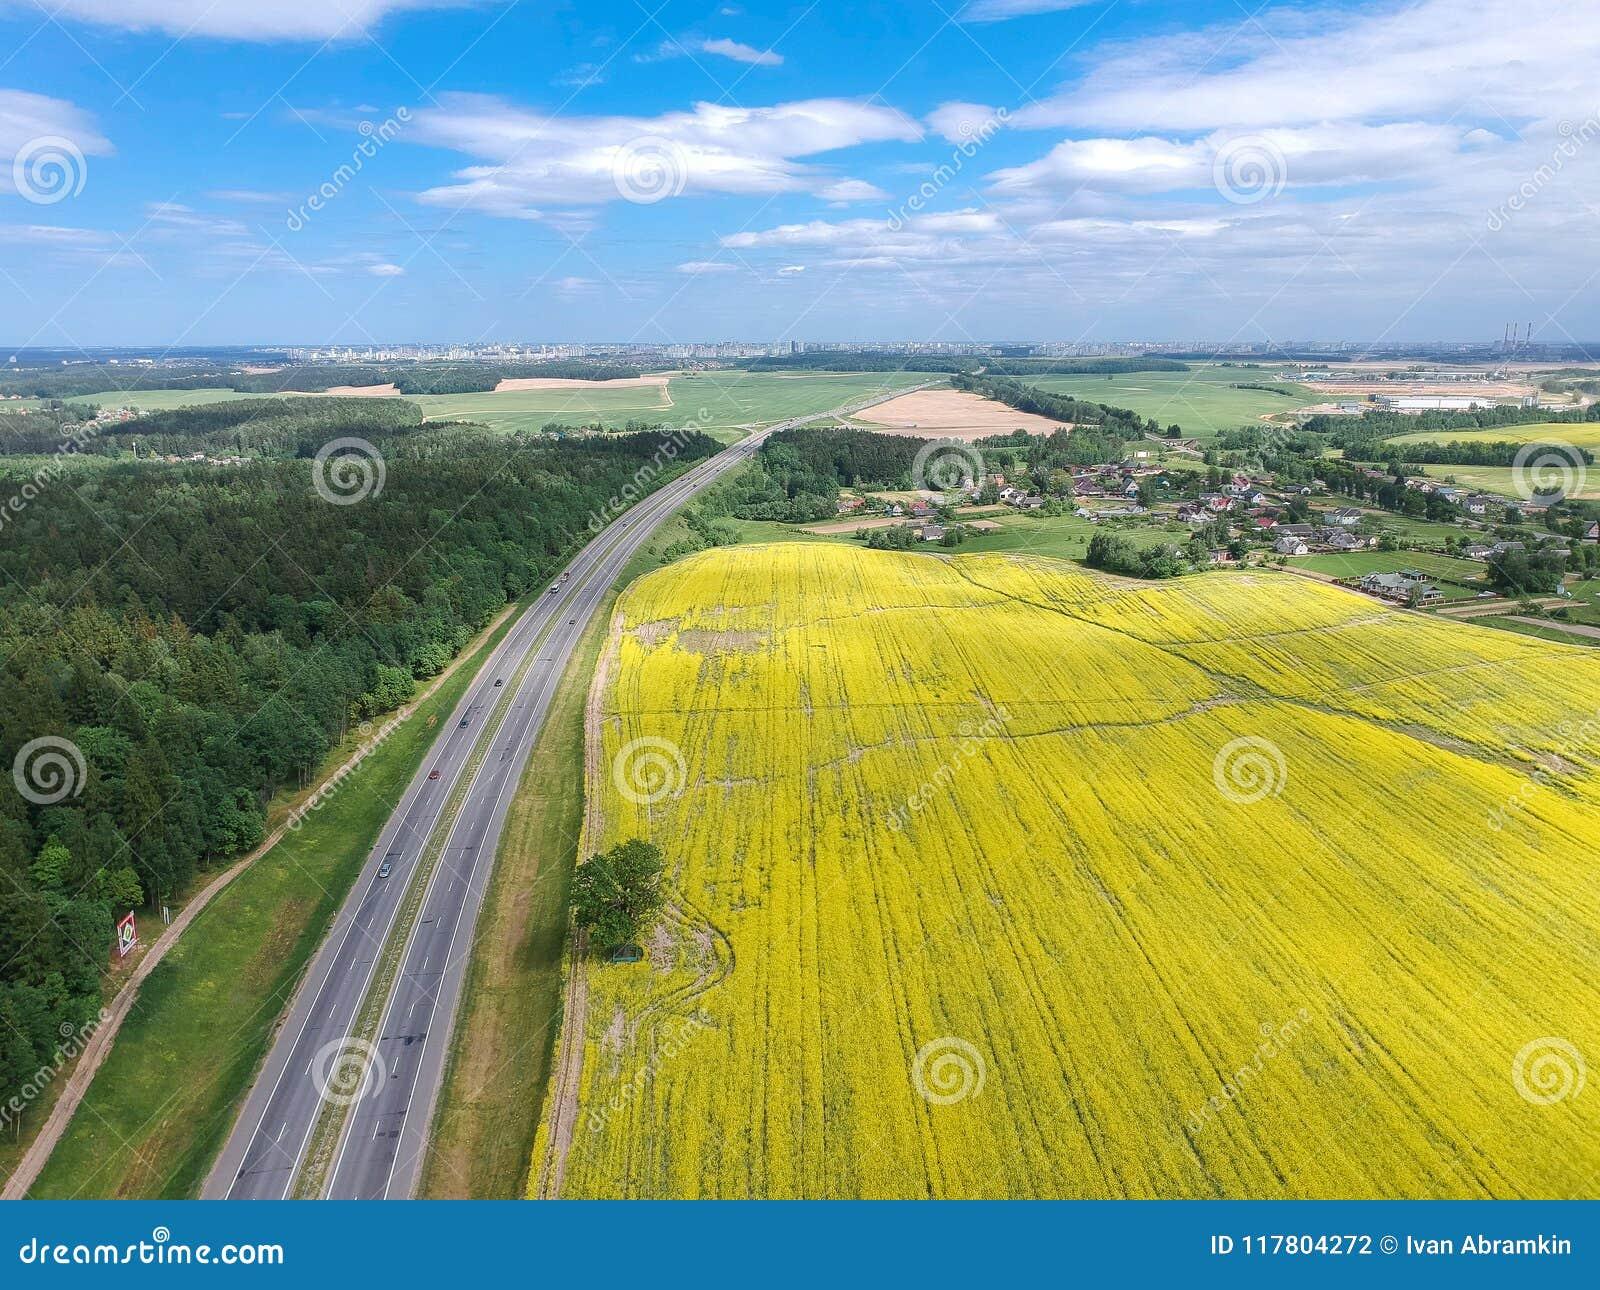 The road to Minsk, Belarus